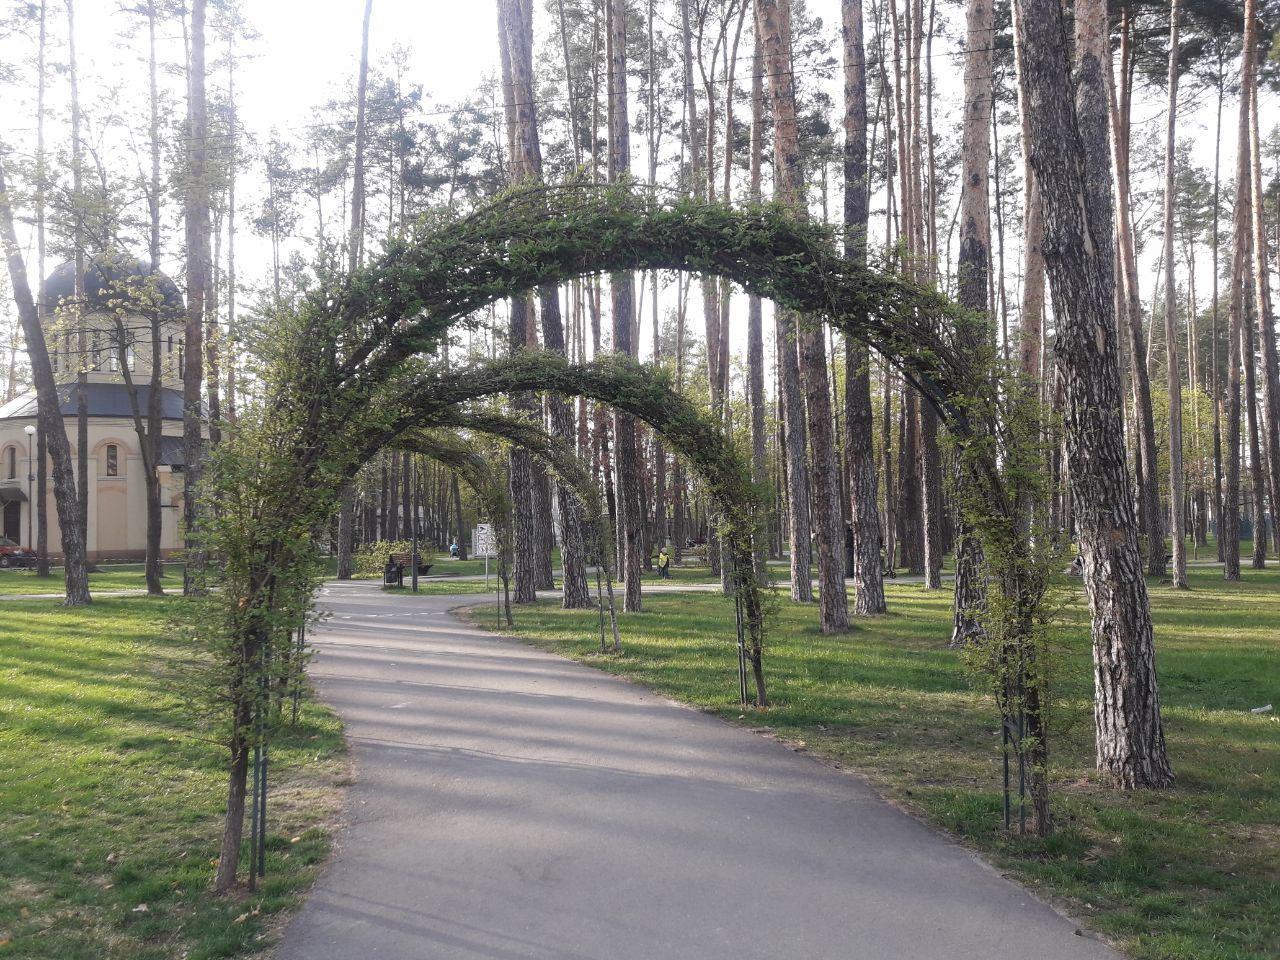 Жителі Ірпеня вимагають відновити обробку лісопаркових зон від кліщів -  - IMG 20200428 144422 595